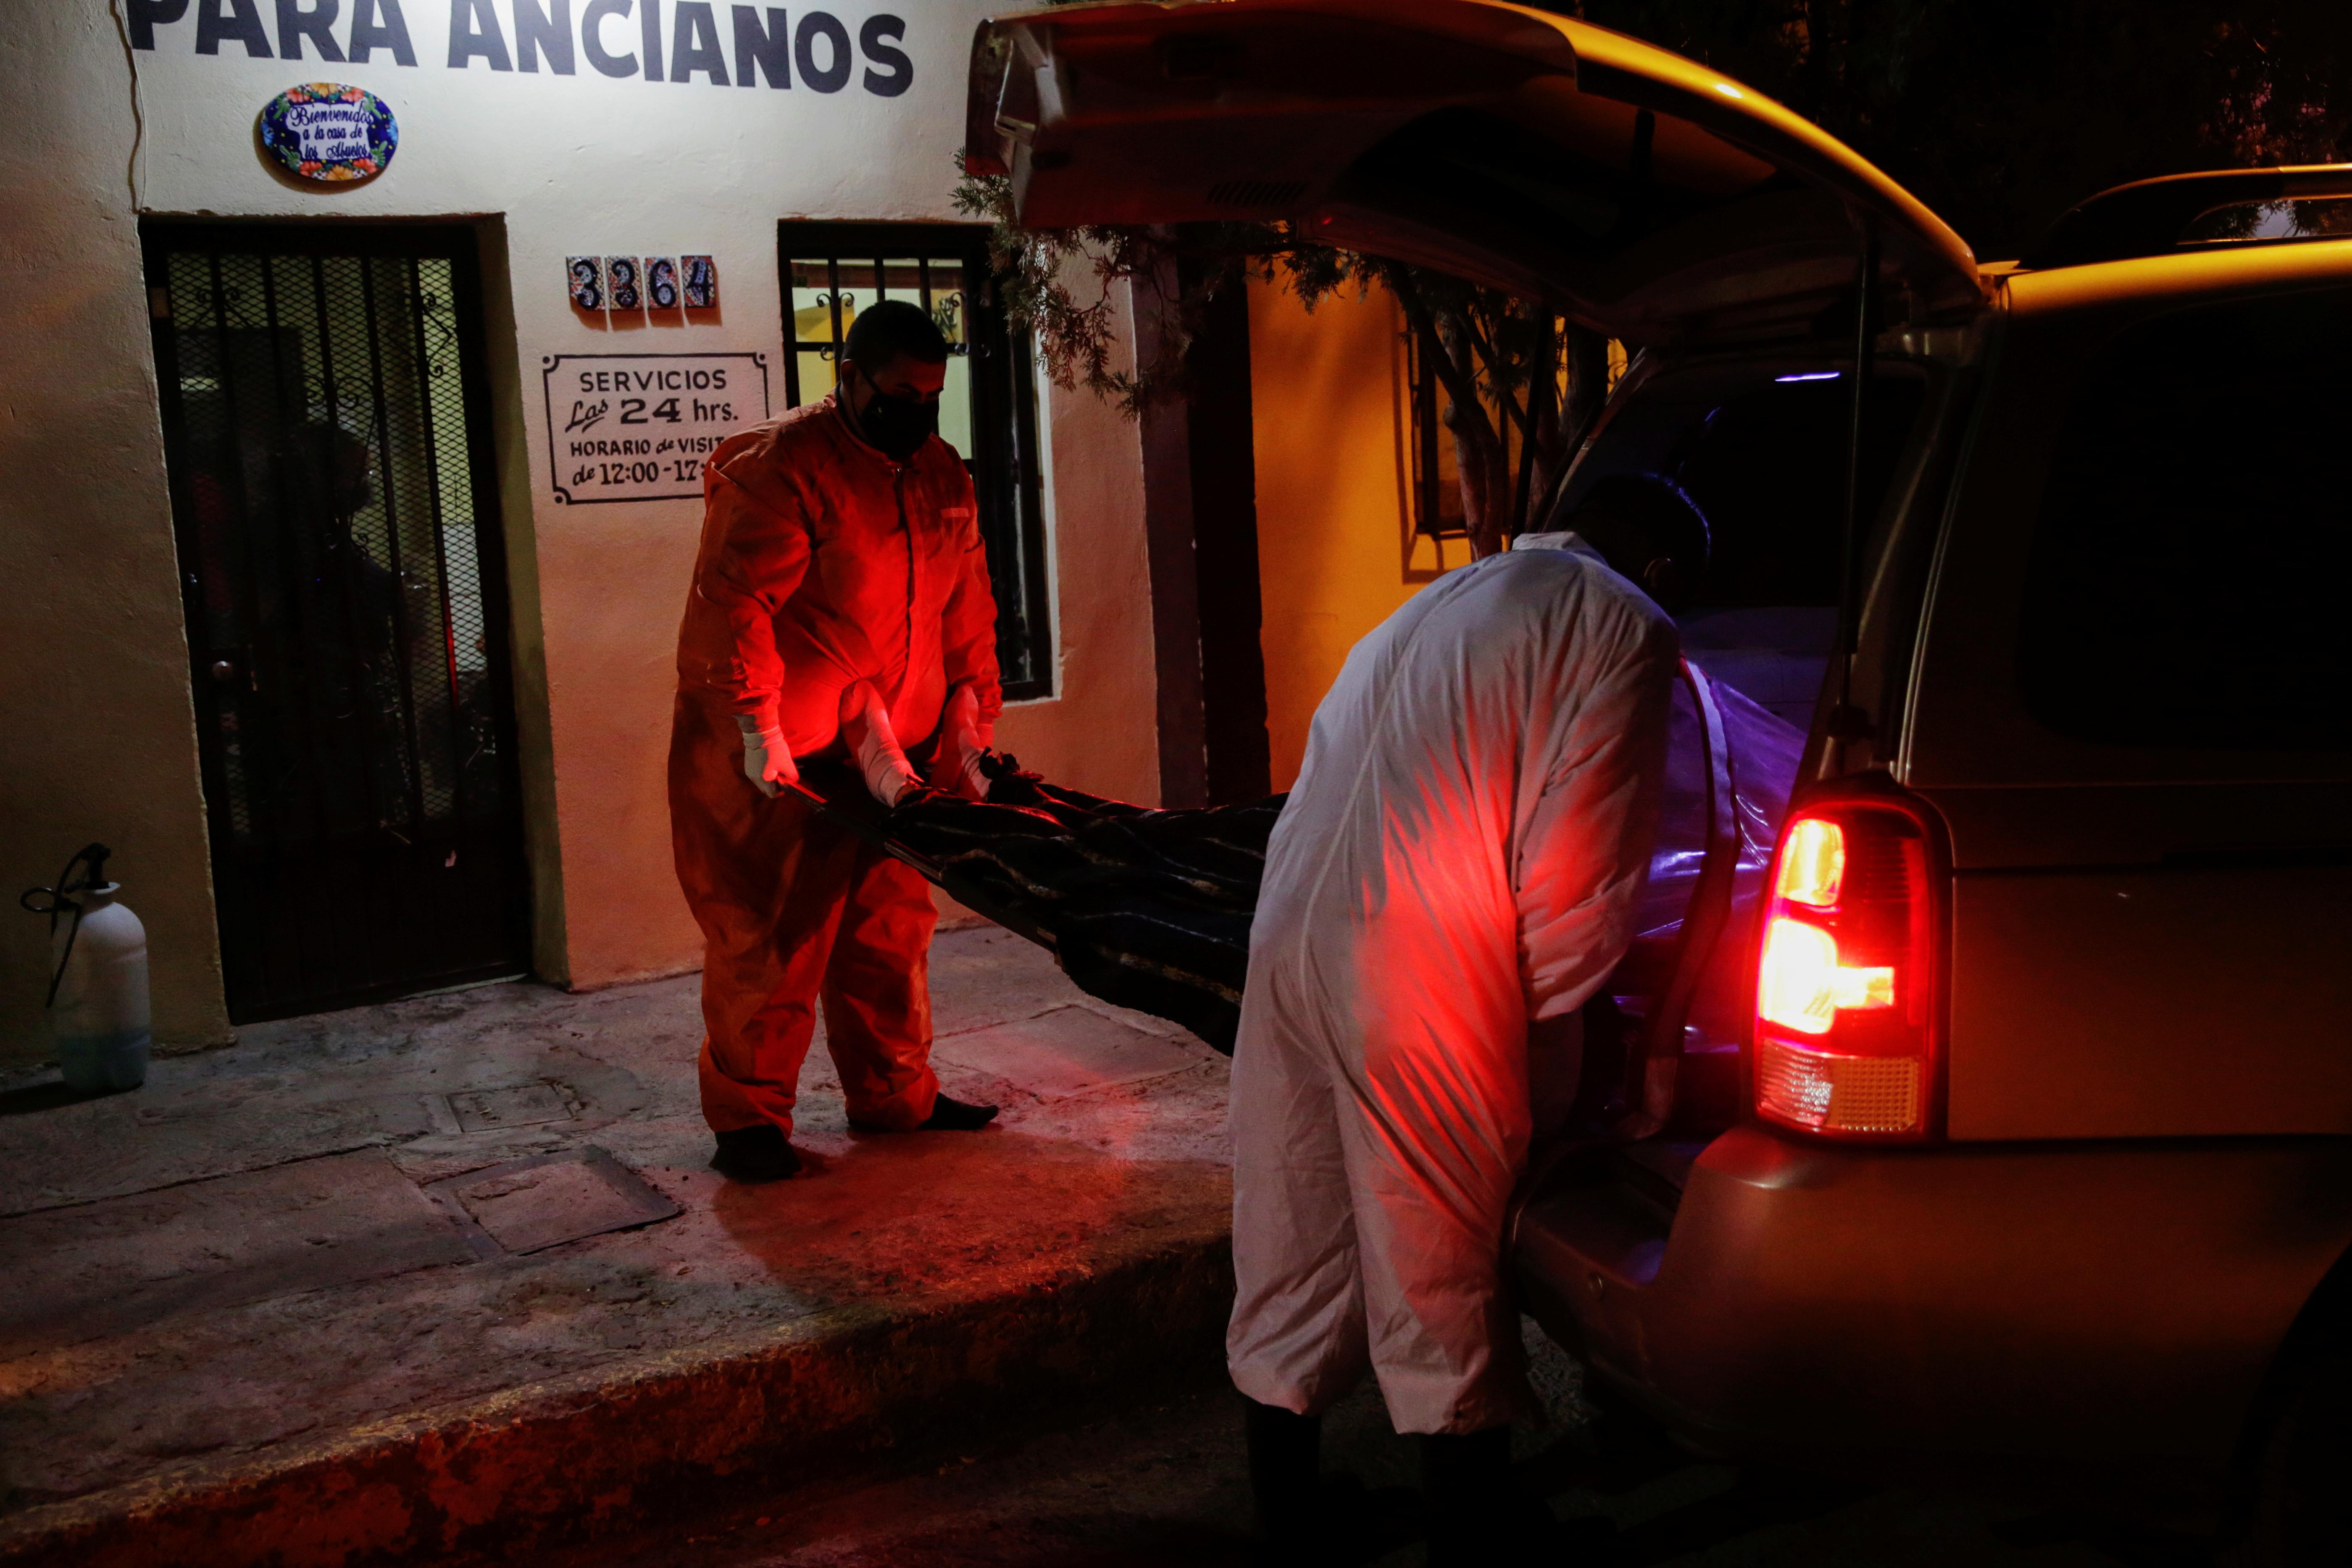 Empleados de la funeraria Ríos cargan el cuerpo de un hombre, que murió a causa COVID-19, para trasladarlo a una funeraria en Ciudad Juárez, México, el 23 de octubre de 2020.